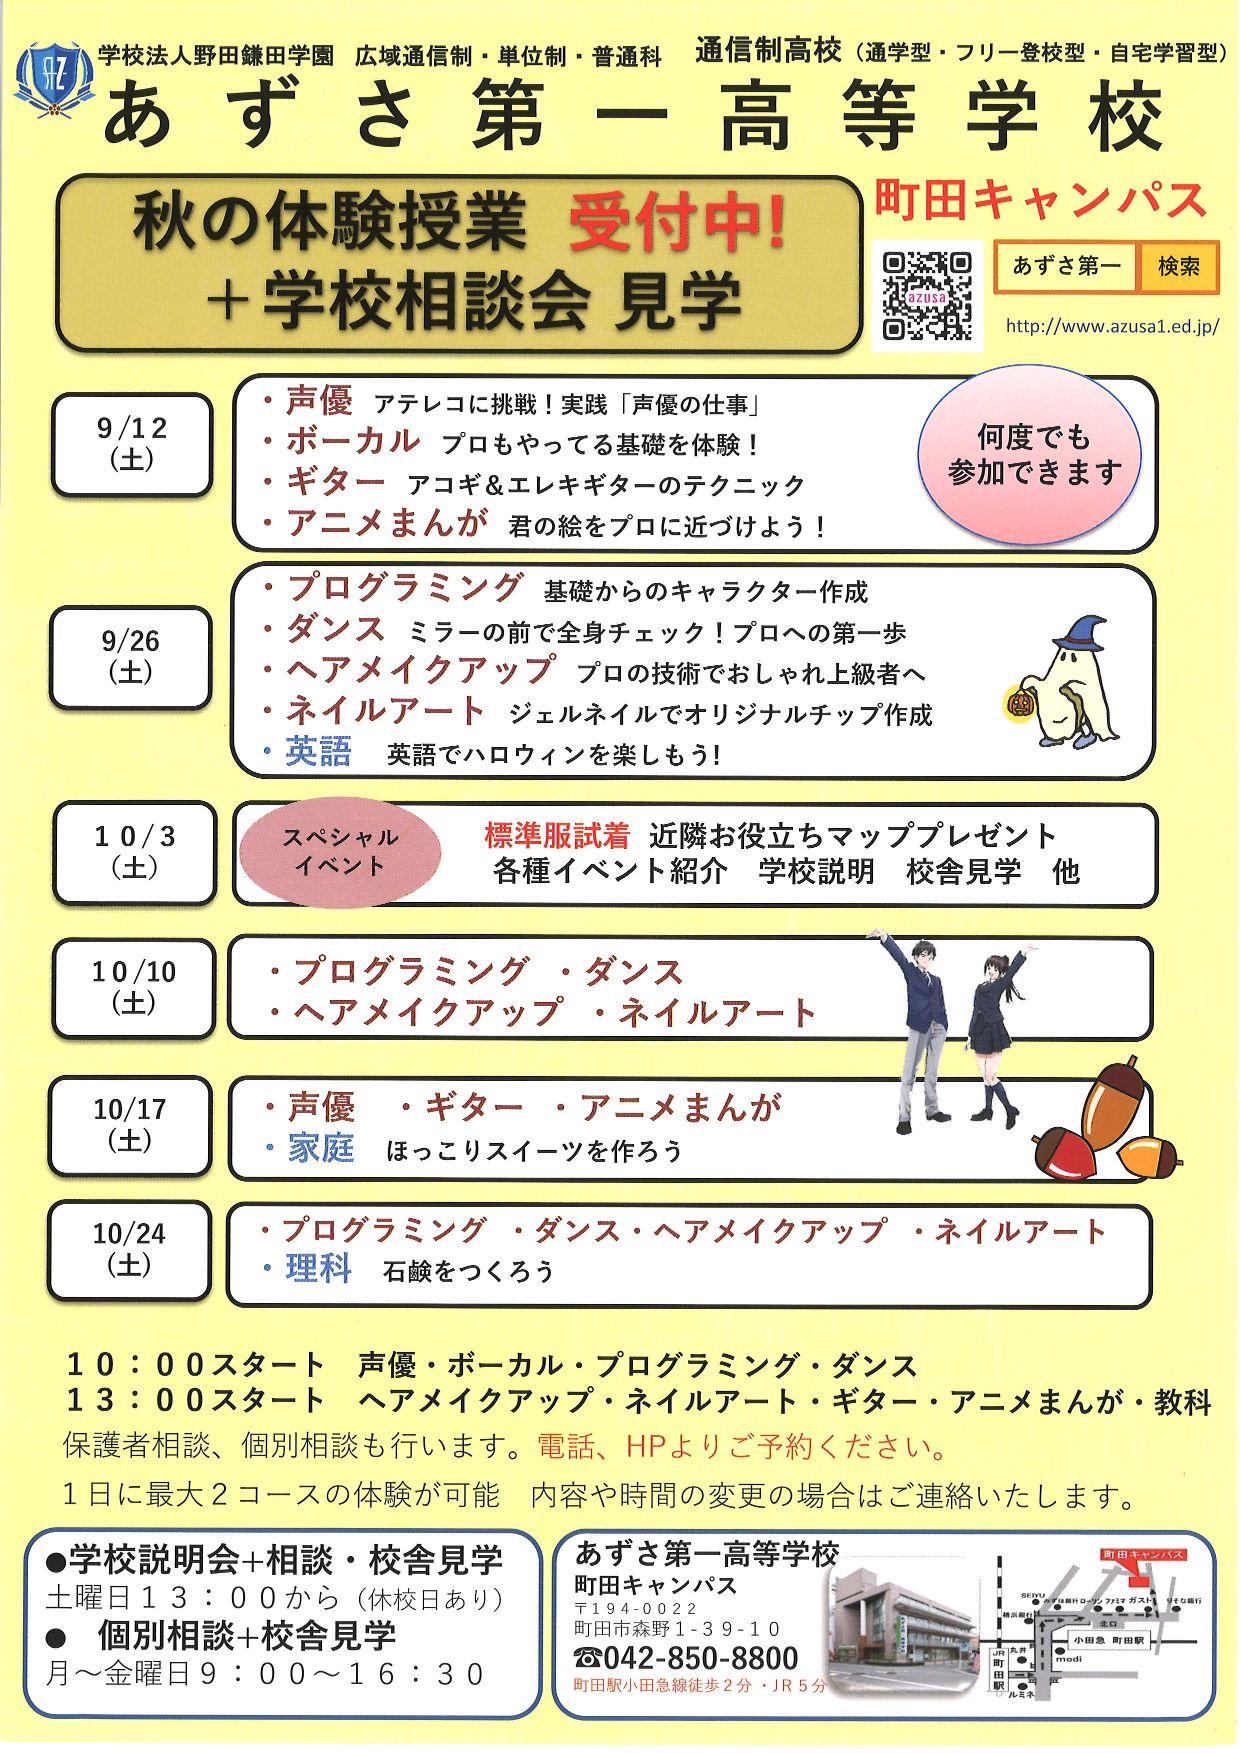 町田キャンパス 秋の体験授業 image1